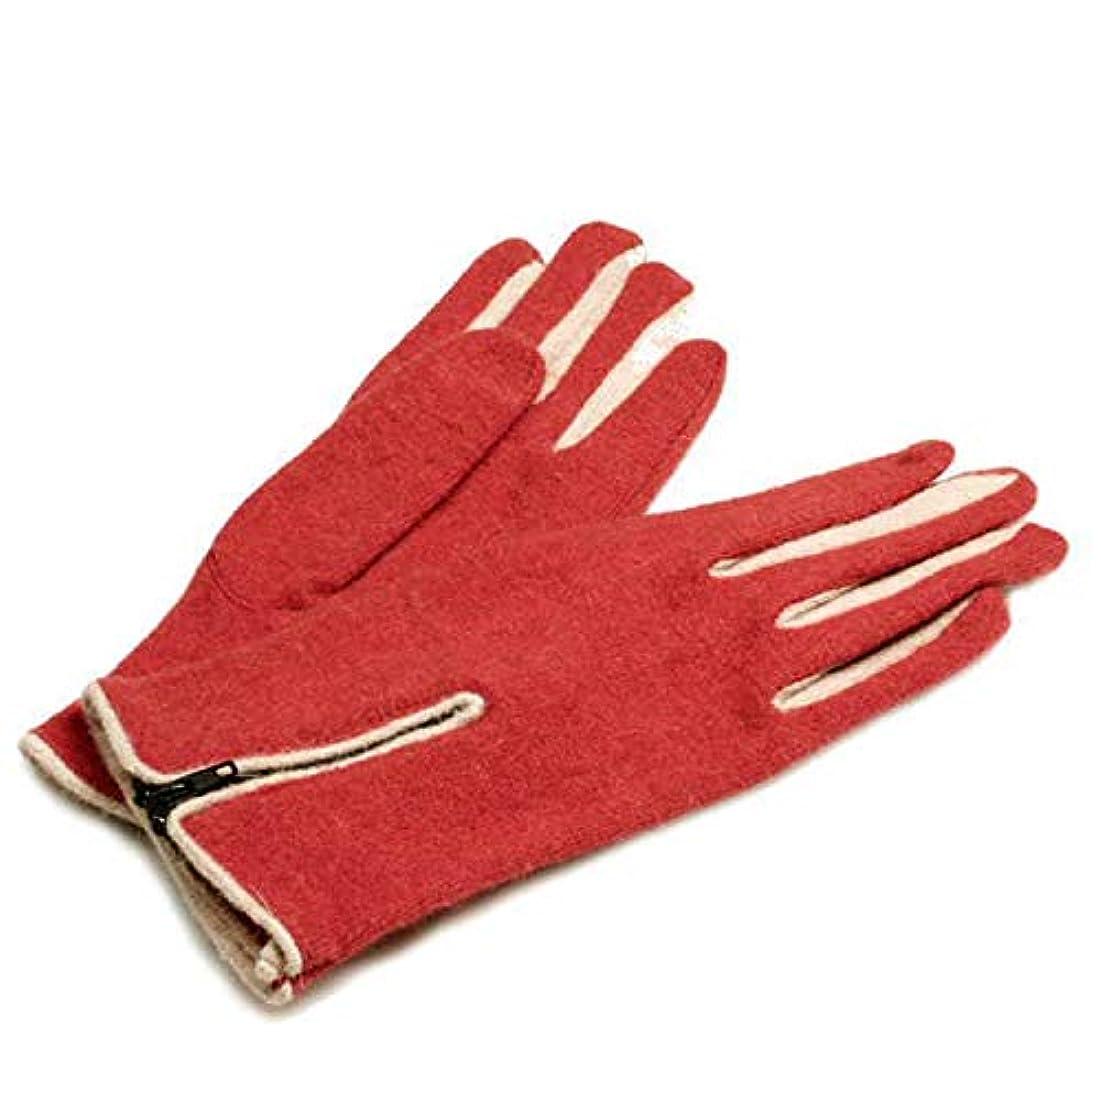 殺人除去規範秋と冬レディースフィンガー手袋ショートセクション厚手のウール手袋乗馬ウォーム手袋を運転する